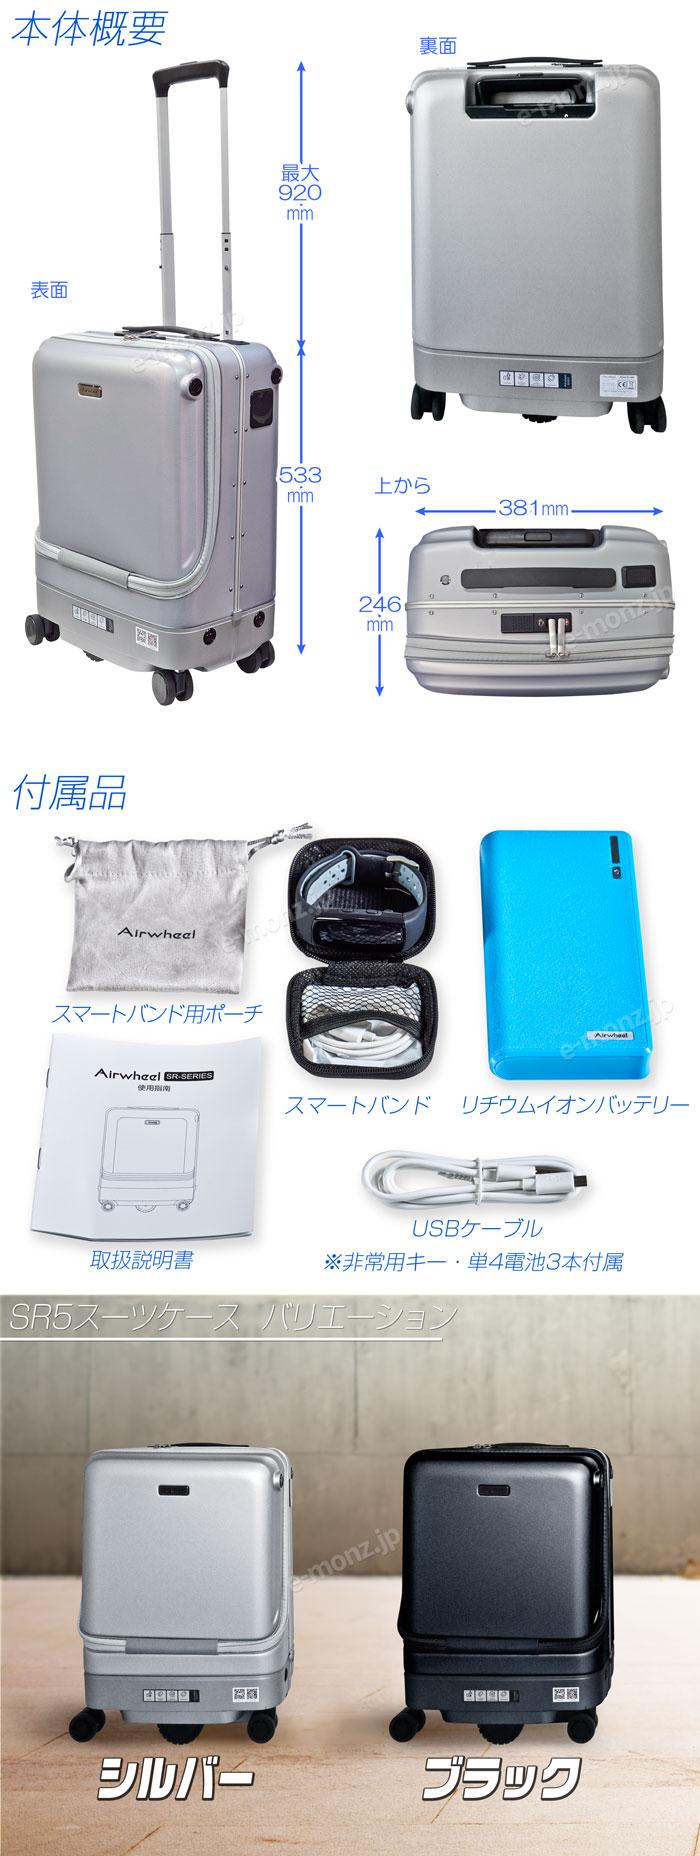 持ち主を追尾するSR5ロボットスーツケース